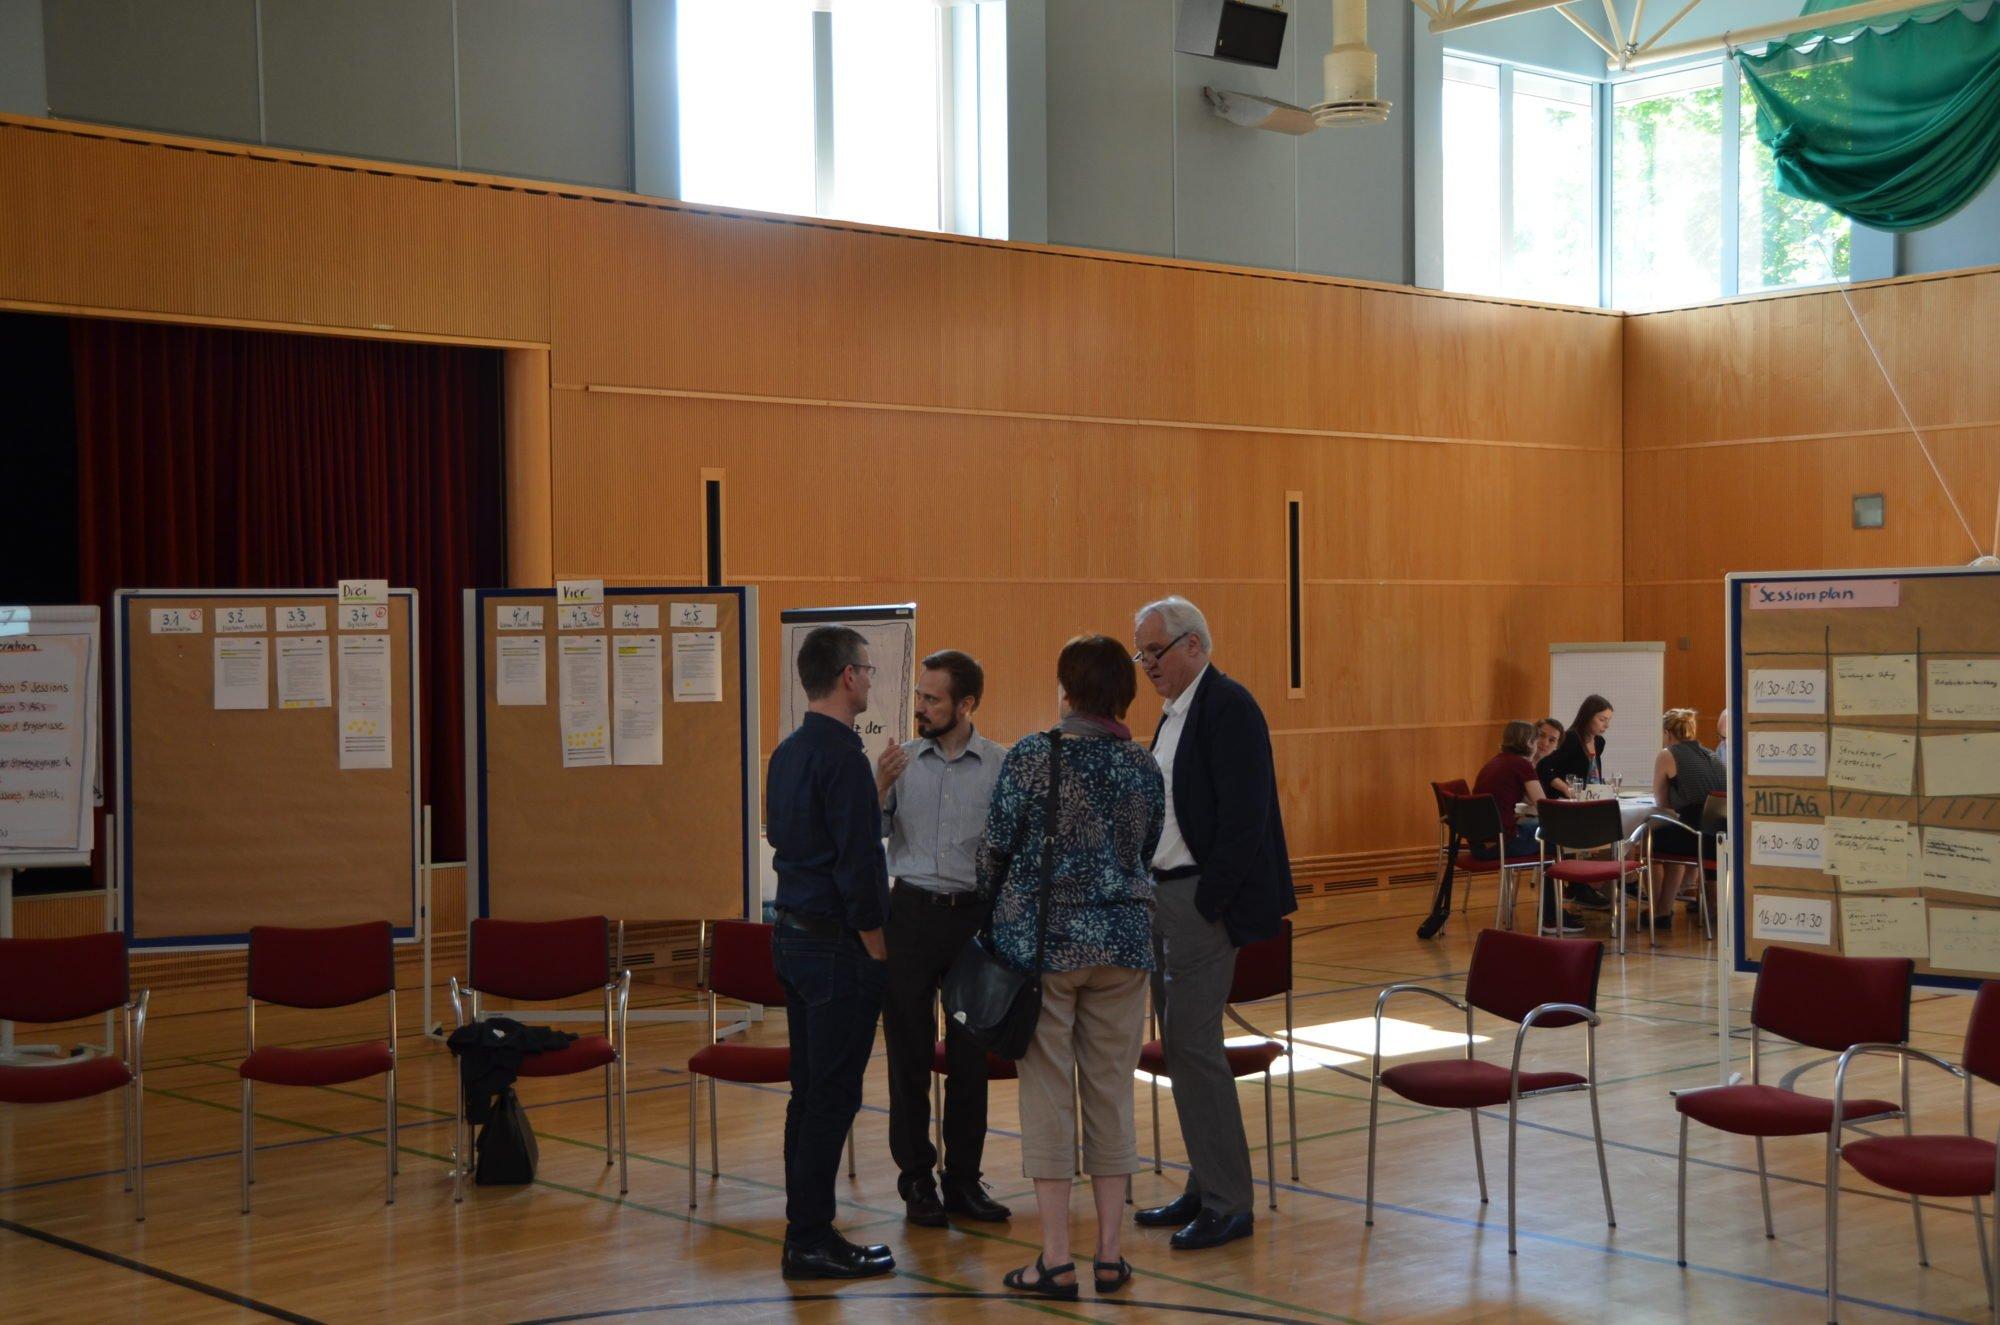 Die Next Generation-Tagung in der Sporthalle des Seehotel Rheinsberg. Wolfgang Schrödter spricht mit dem Führungskreis. Im Hintergrund sieht man Ergebnisse an Whiteboards und Kleingruppen im Austausch.